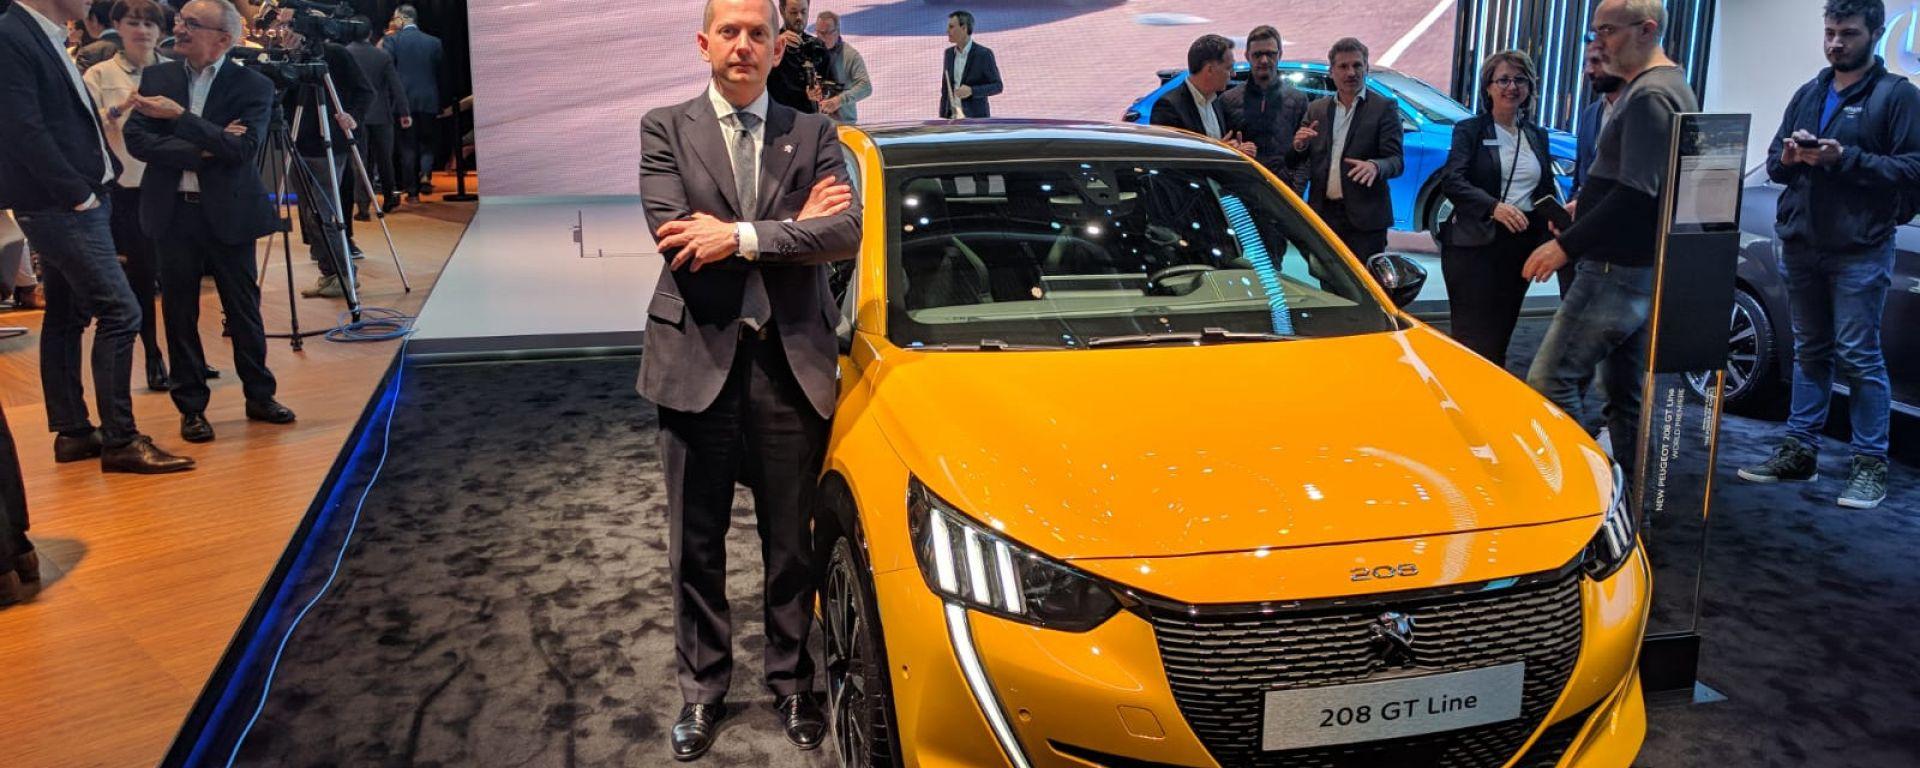 Salone di Ginevra 2019, le novità allo stand Peugeot